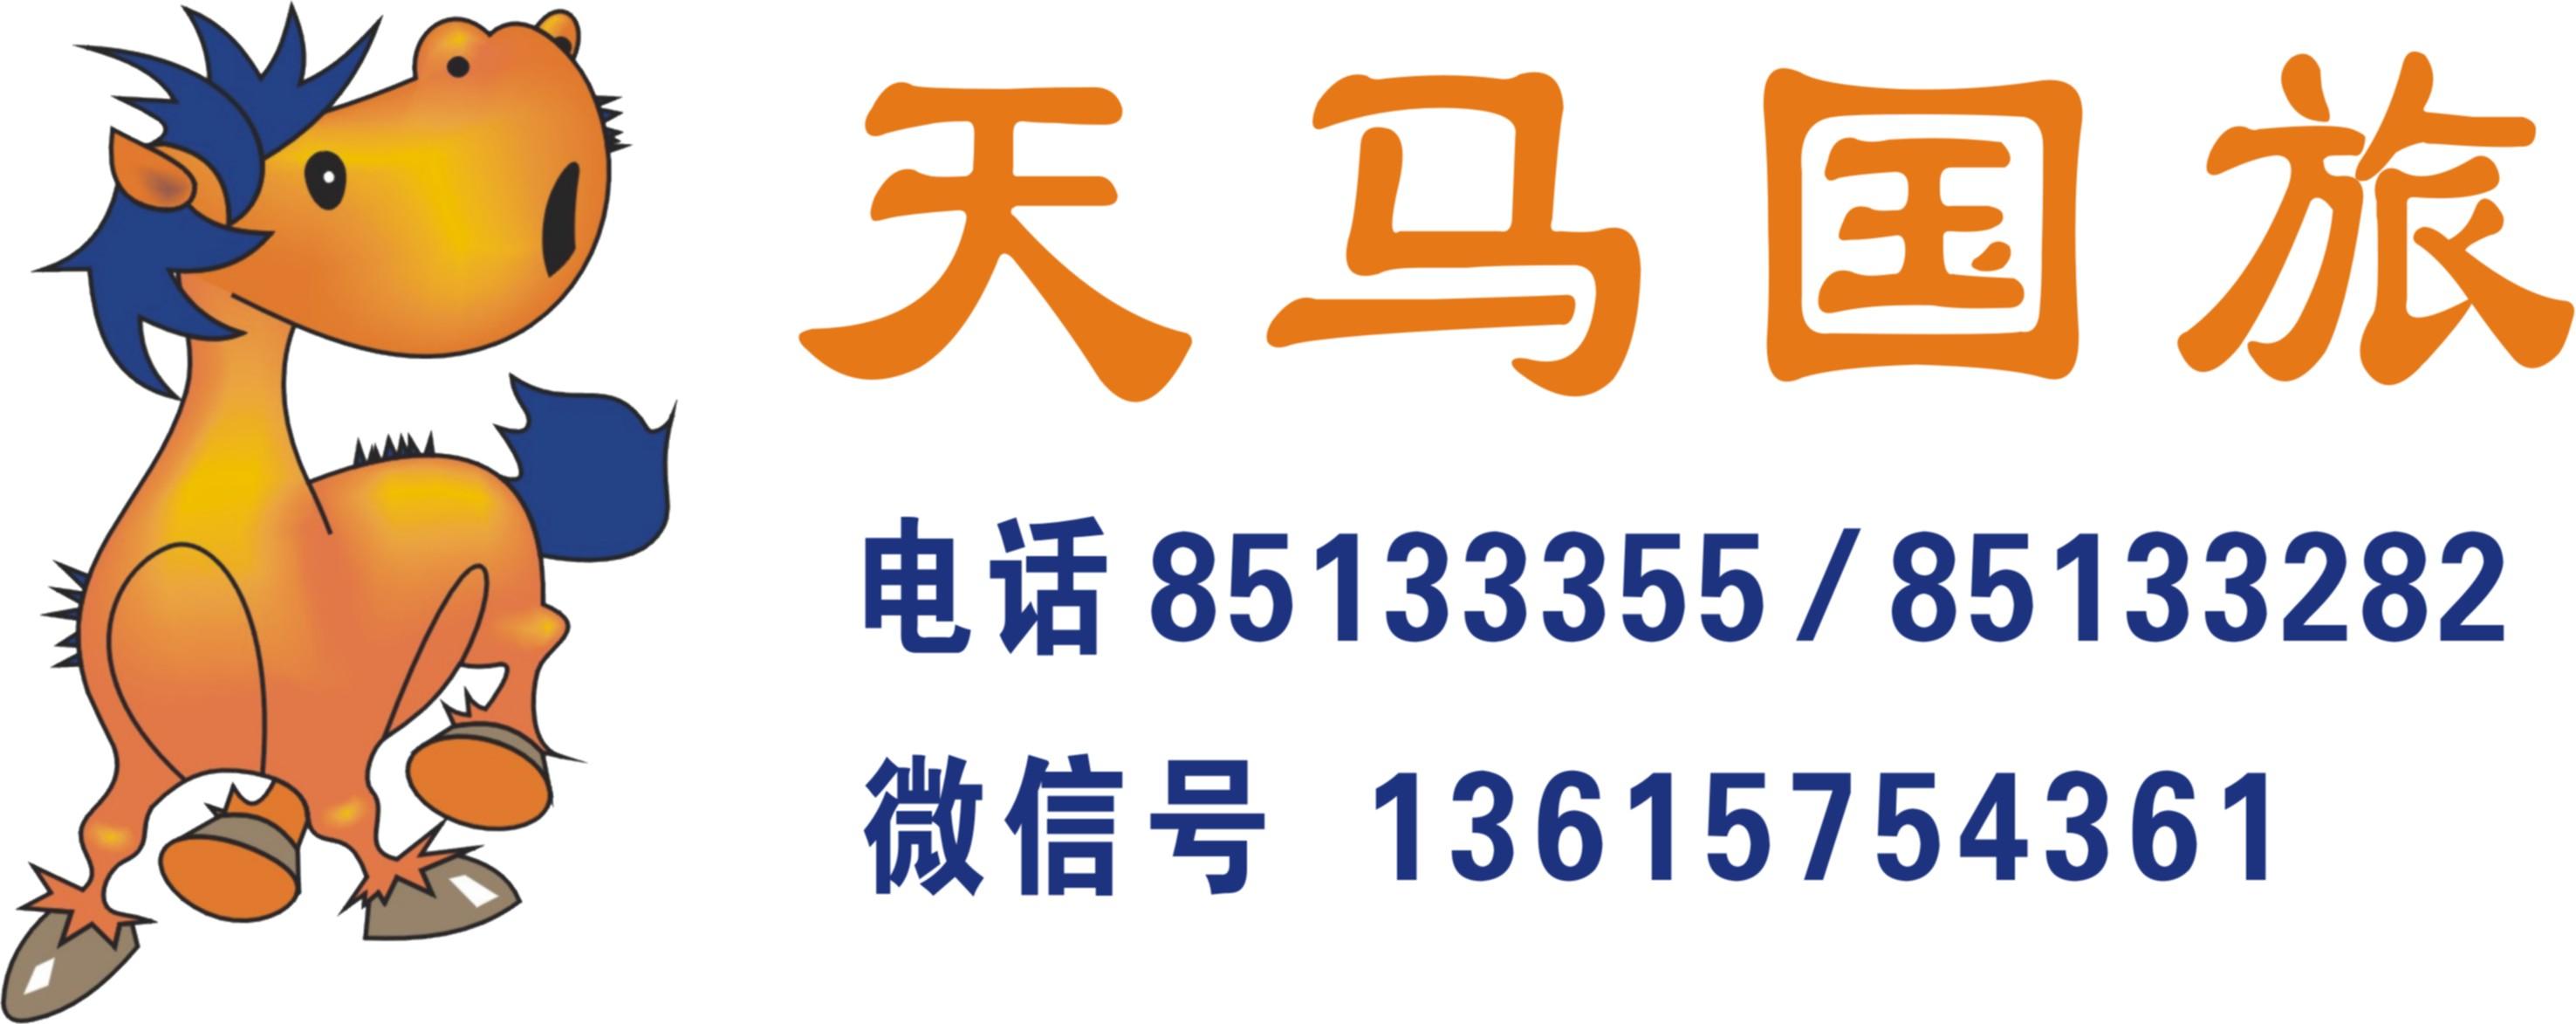 4.20【扬州瘦西湖、镇江金山寺、西津渡二日】商务型酒店